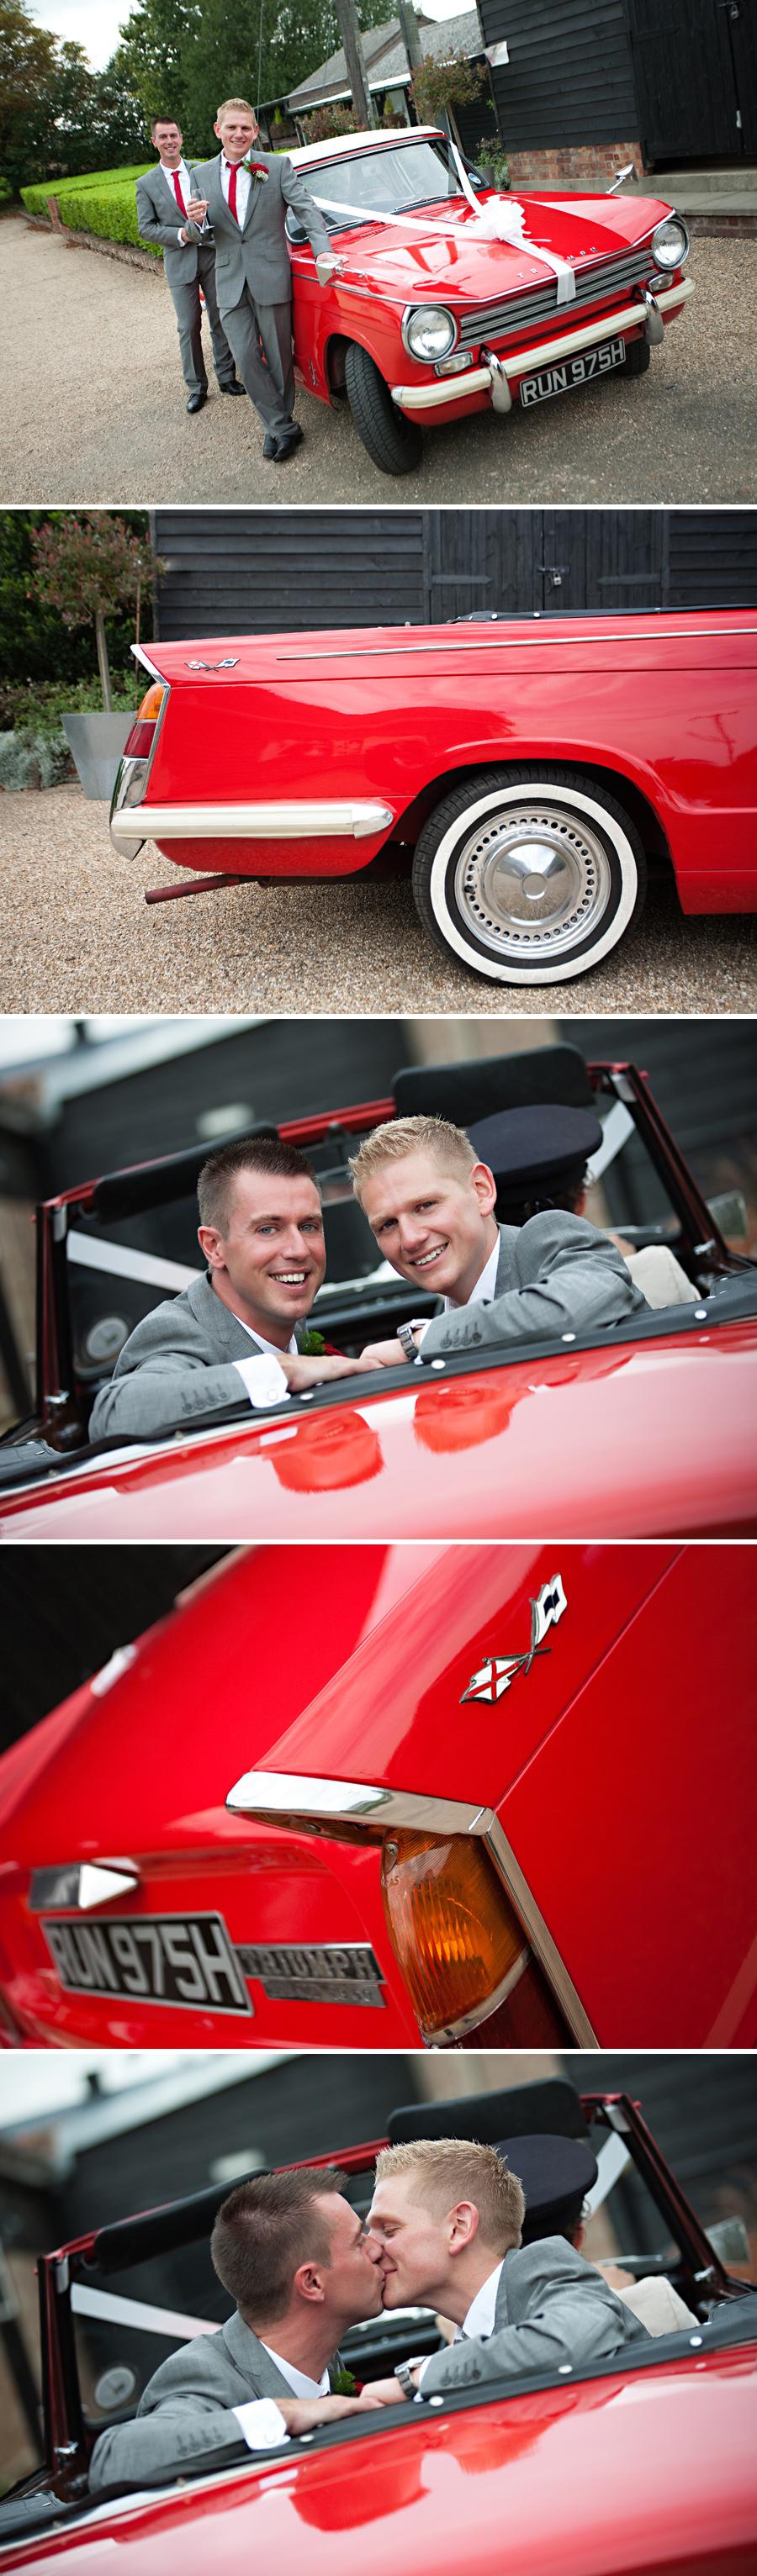 http://www.rossdeanphotography.com